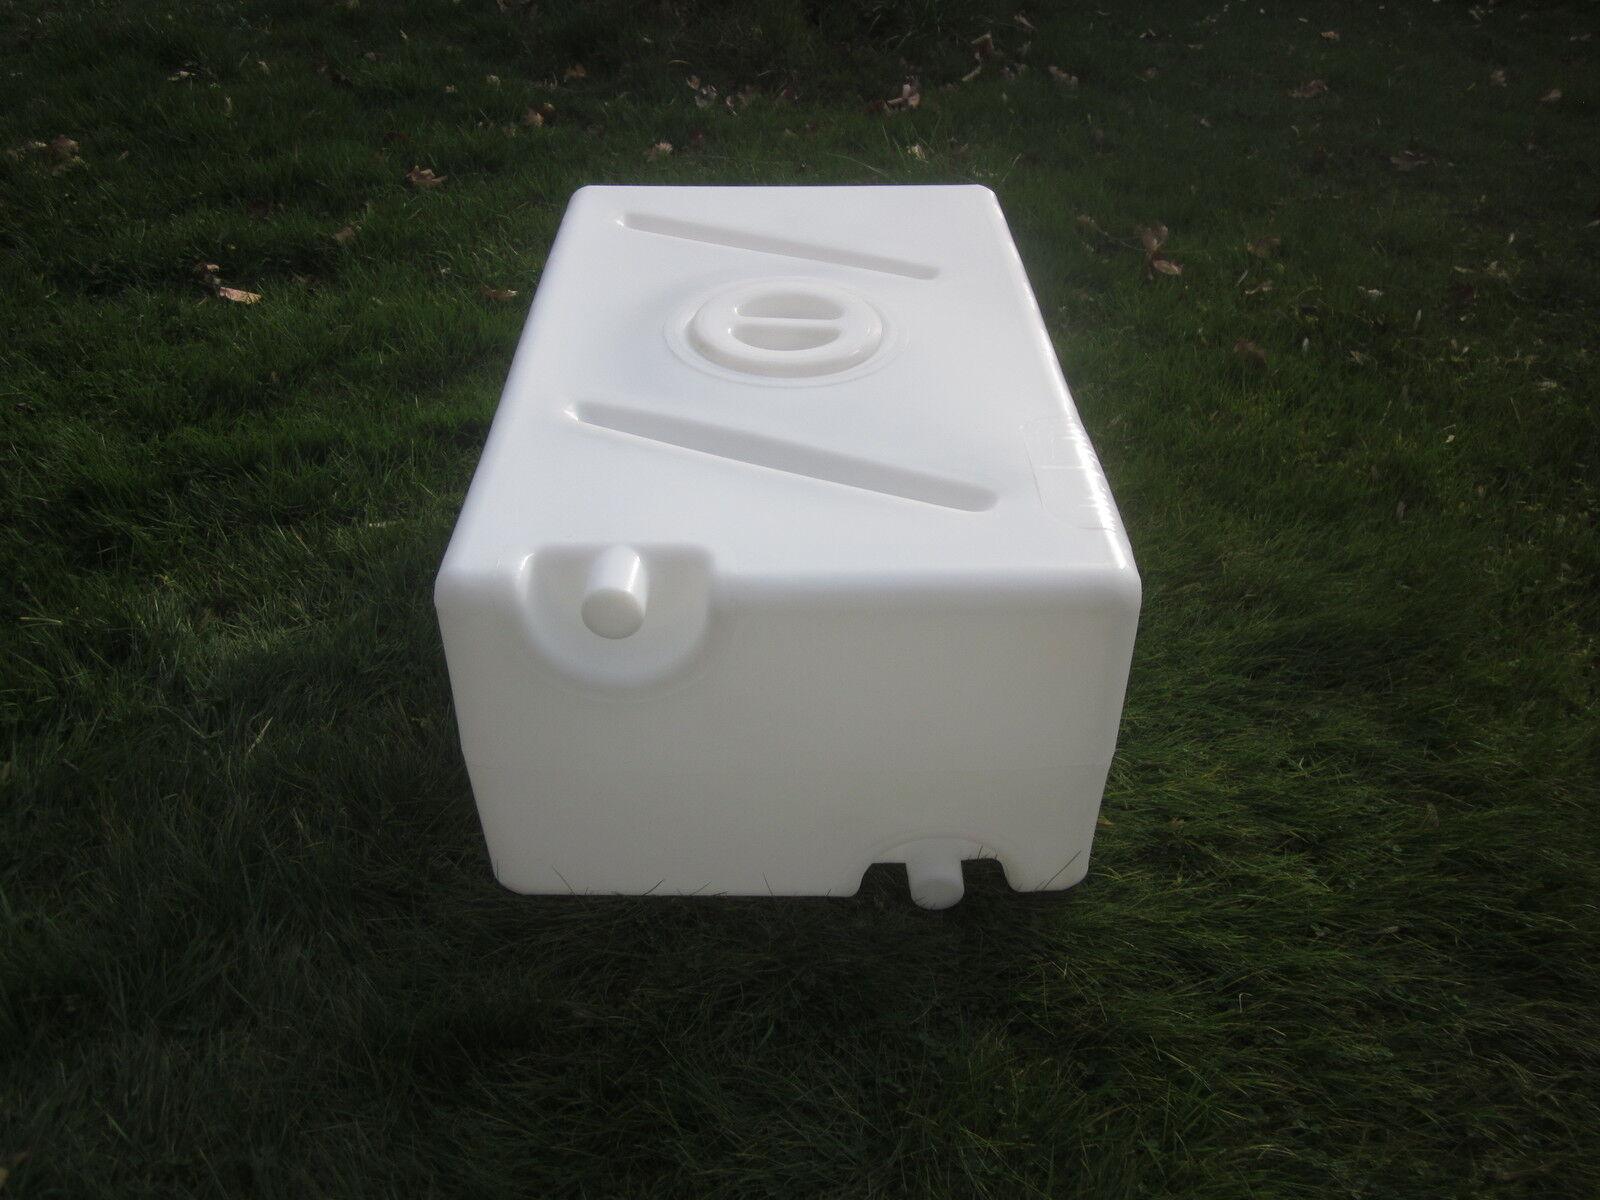 Wassertank, Frischwassertank, Abwassertank  90 l Wohnmobil  Wohnmobil l Wohnwagen Stiefel b36d40